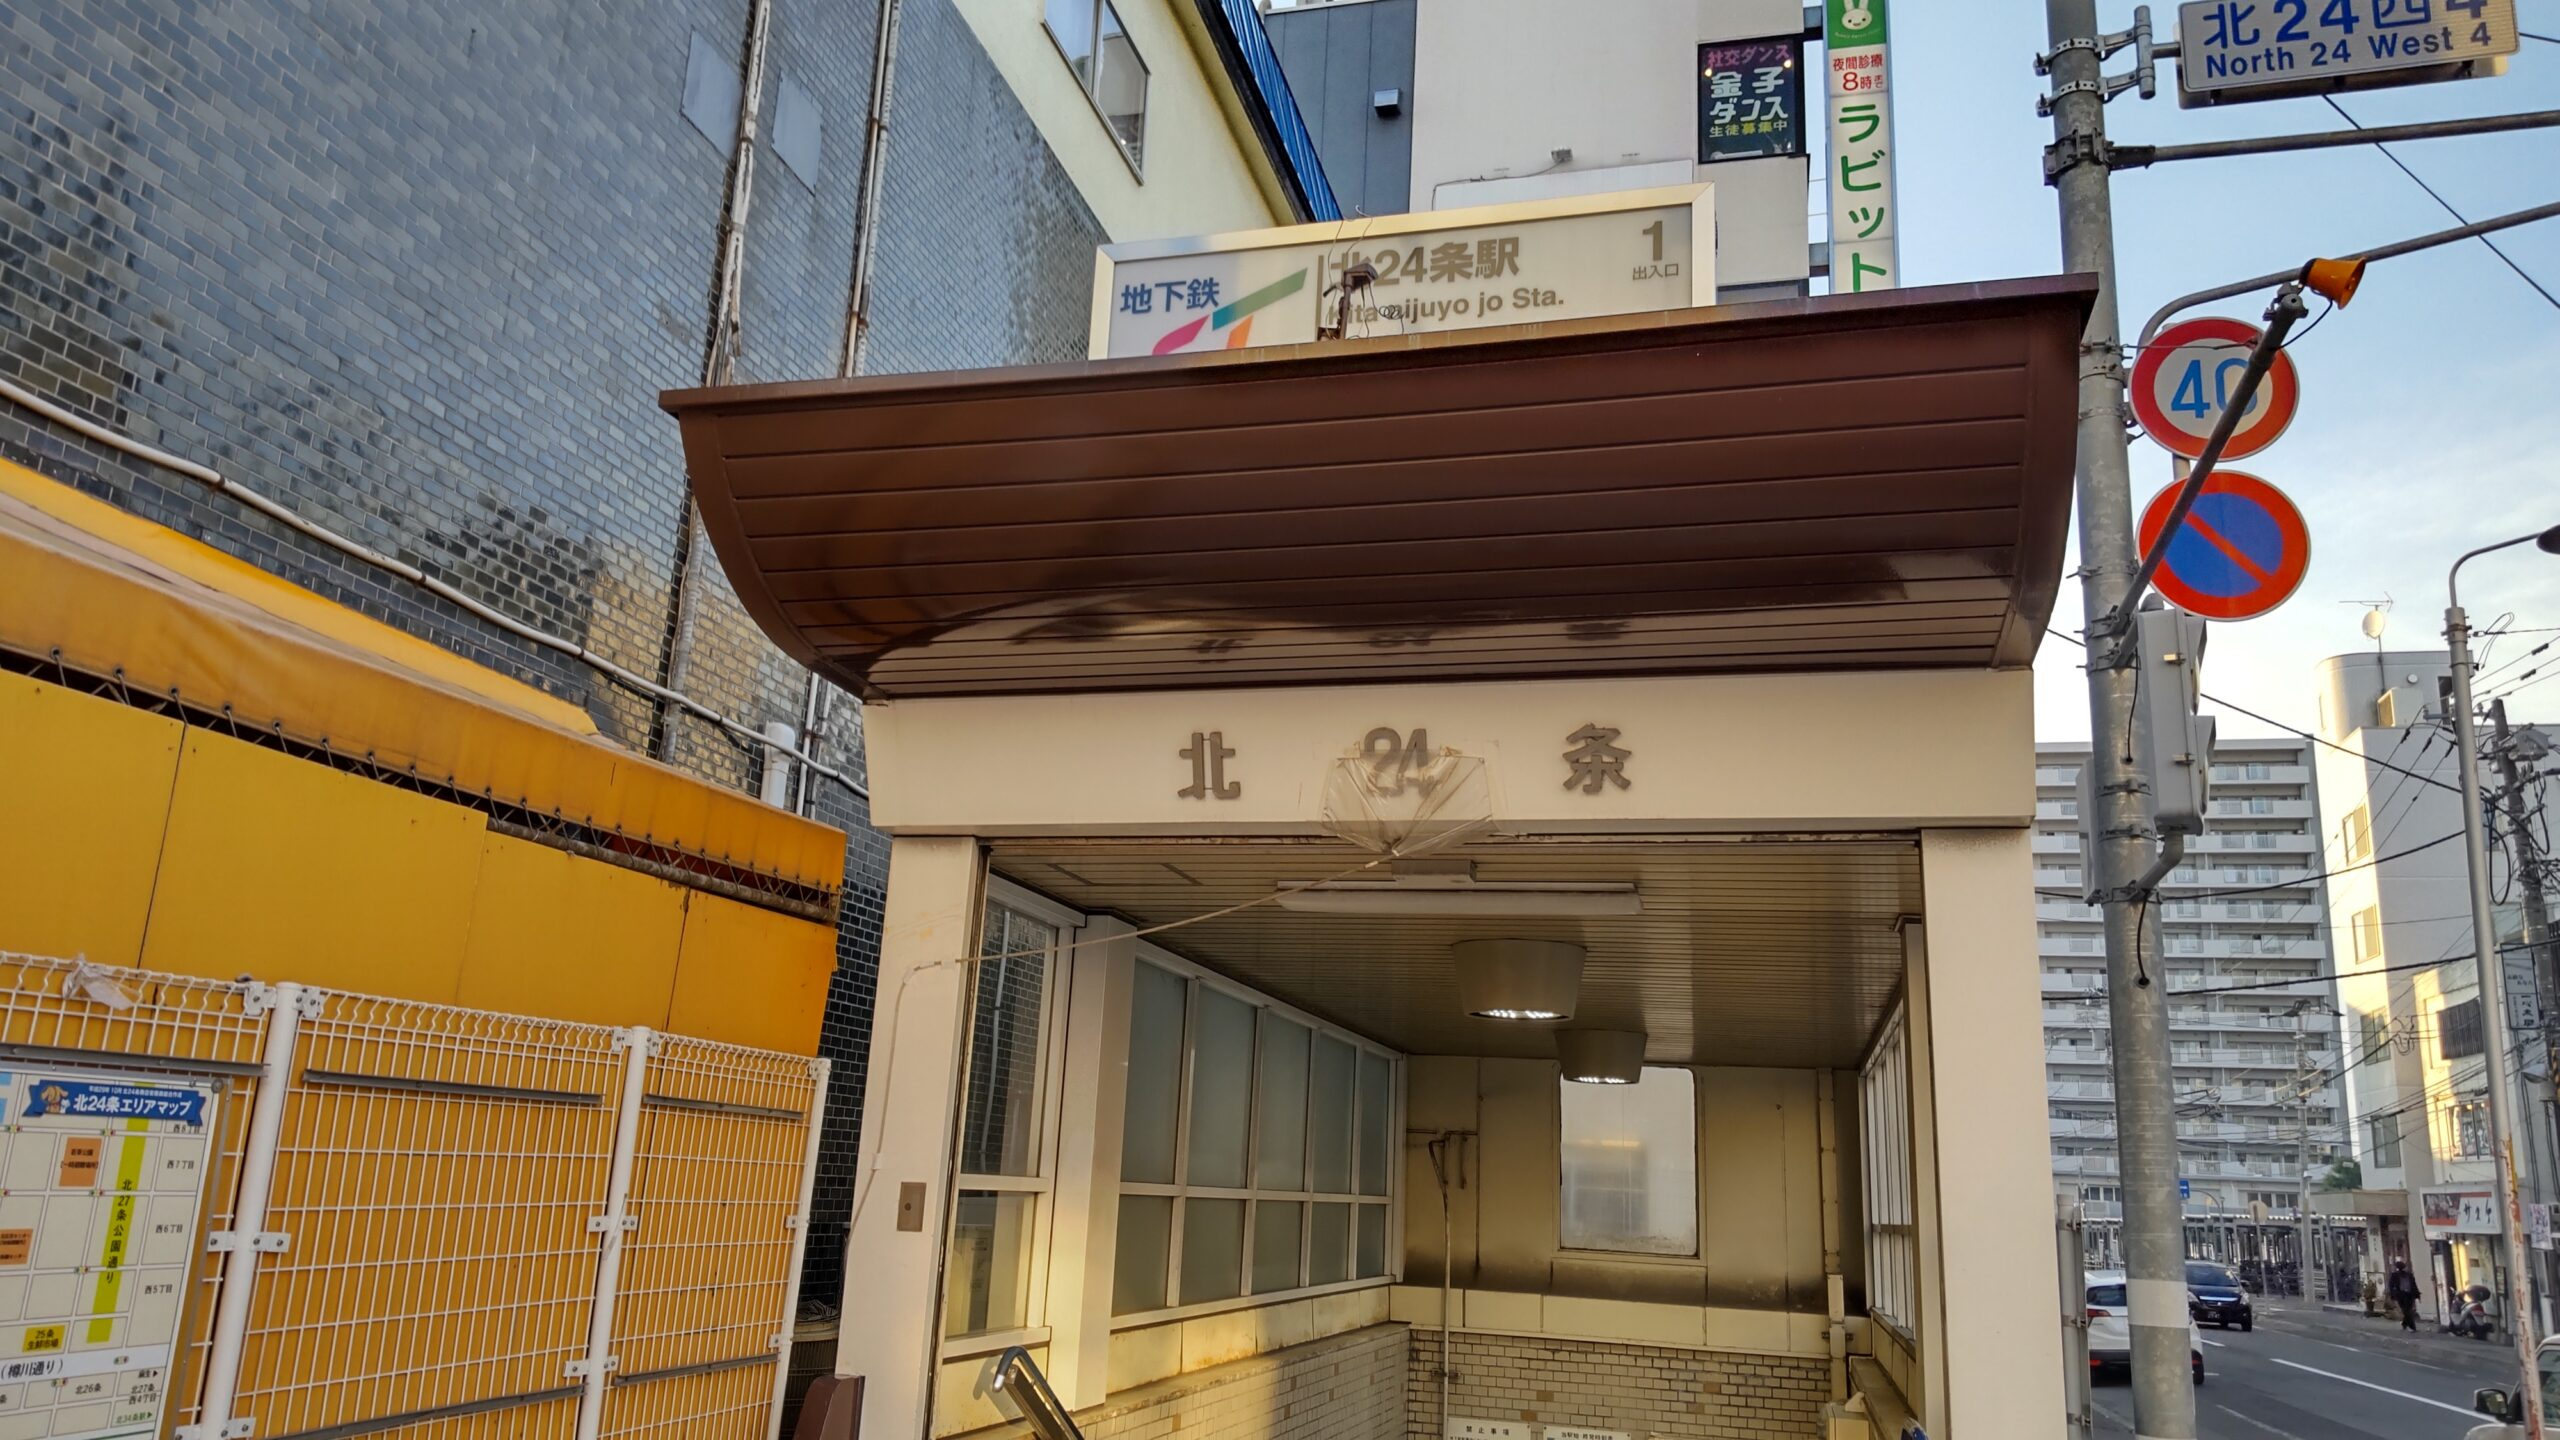 札幌市営地下鉄南北線「北24条駅」